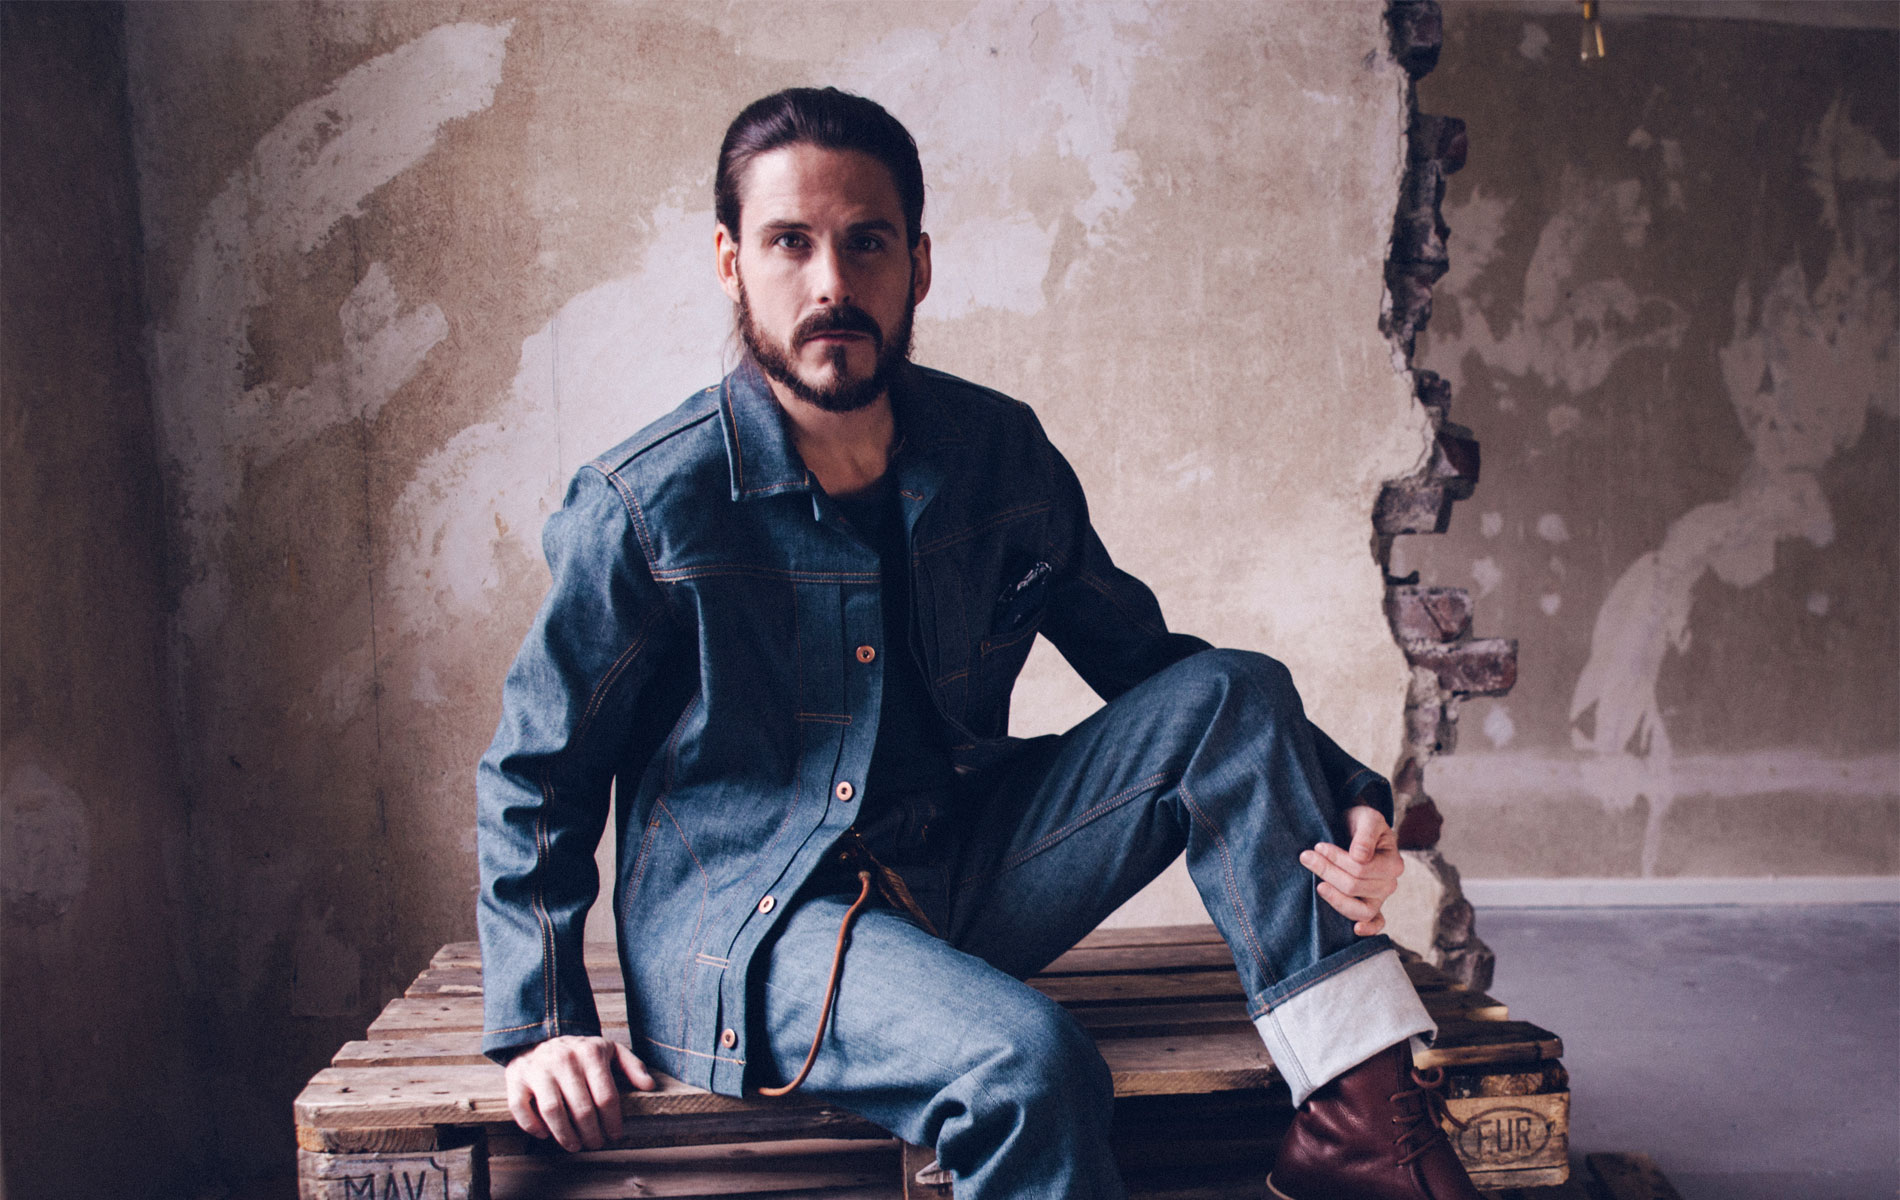 herrenschatz-denim-maennermode-jeans-label-accessoires-kavat-shoes-fashionblog